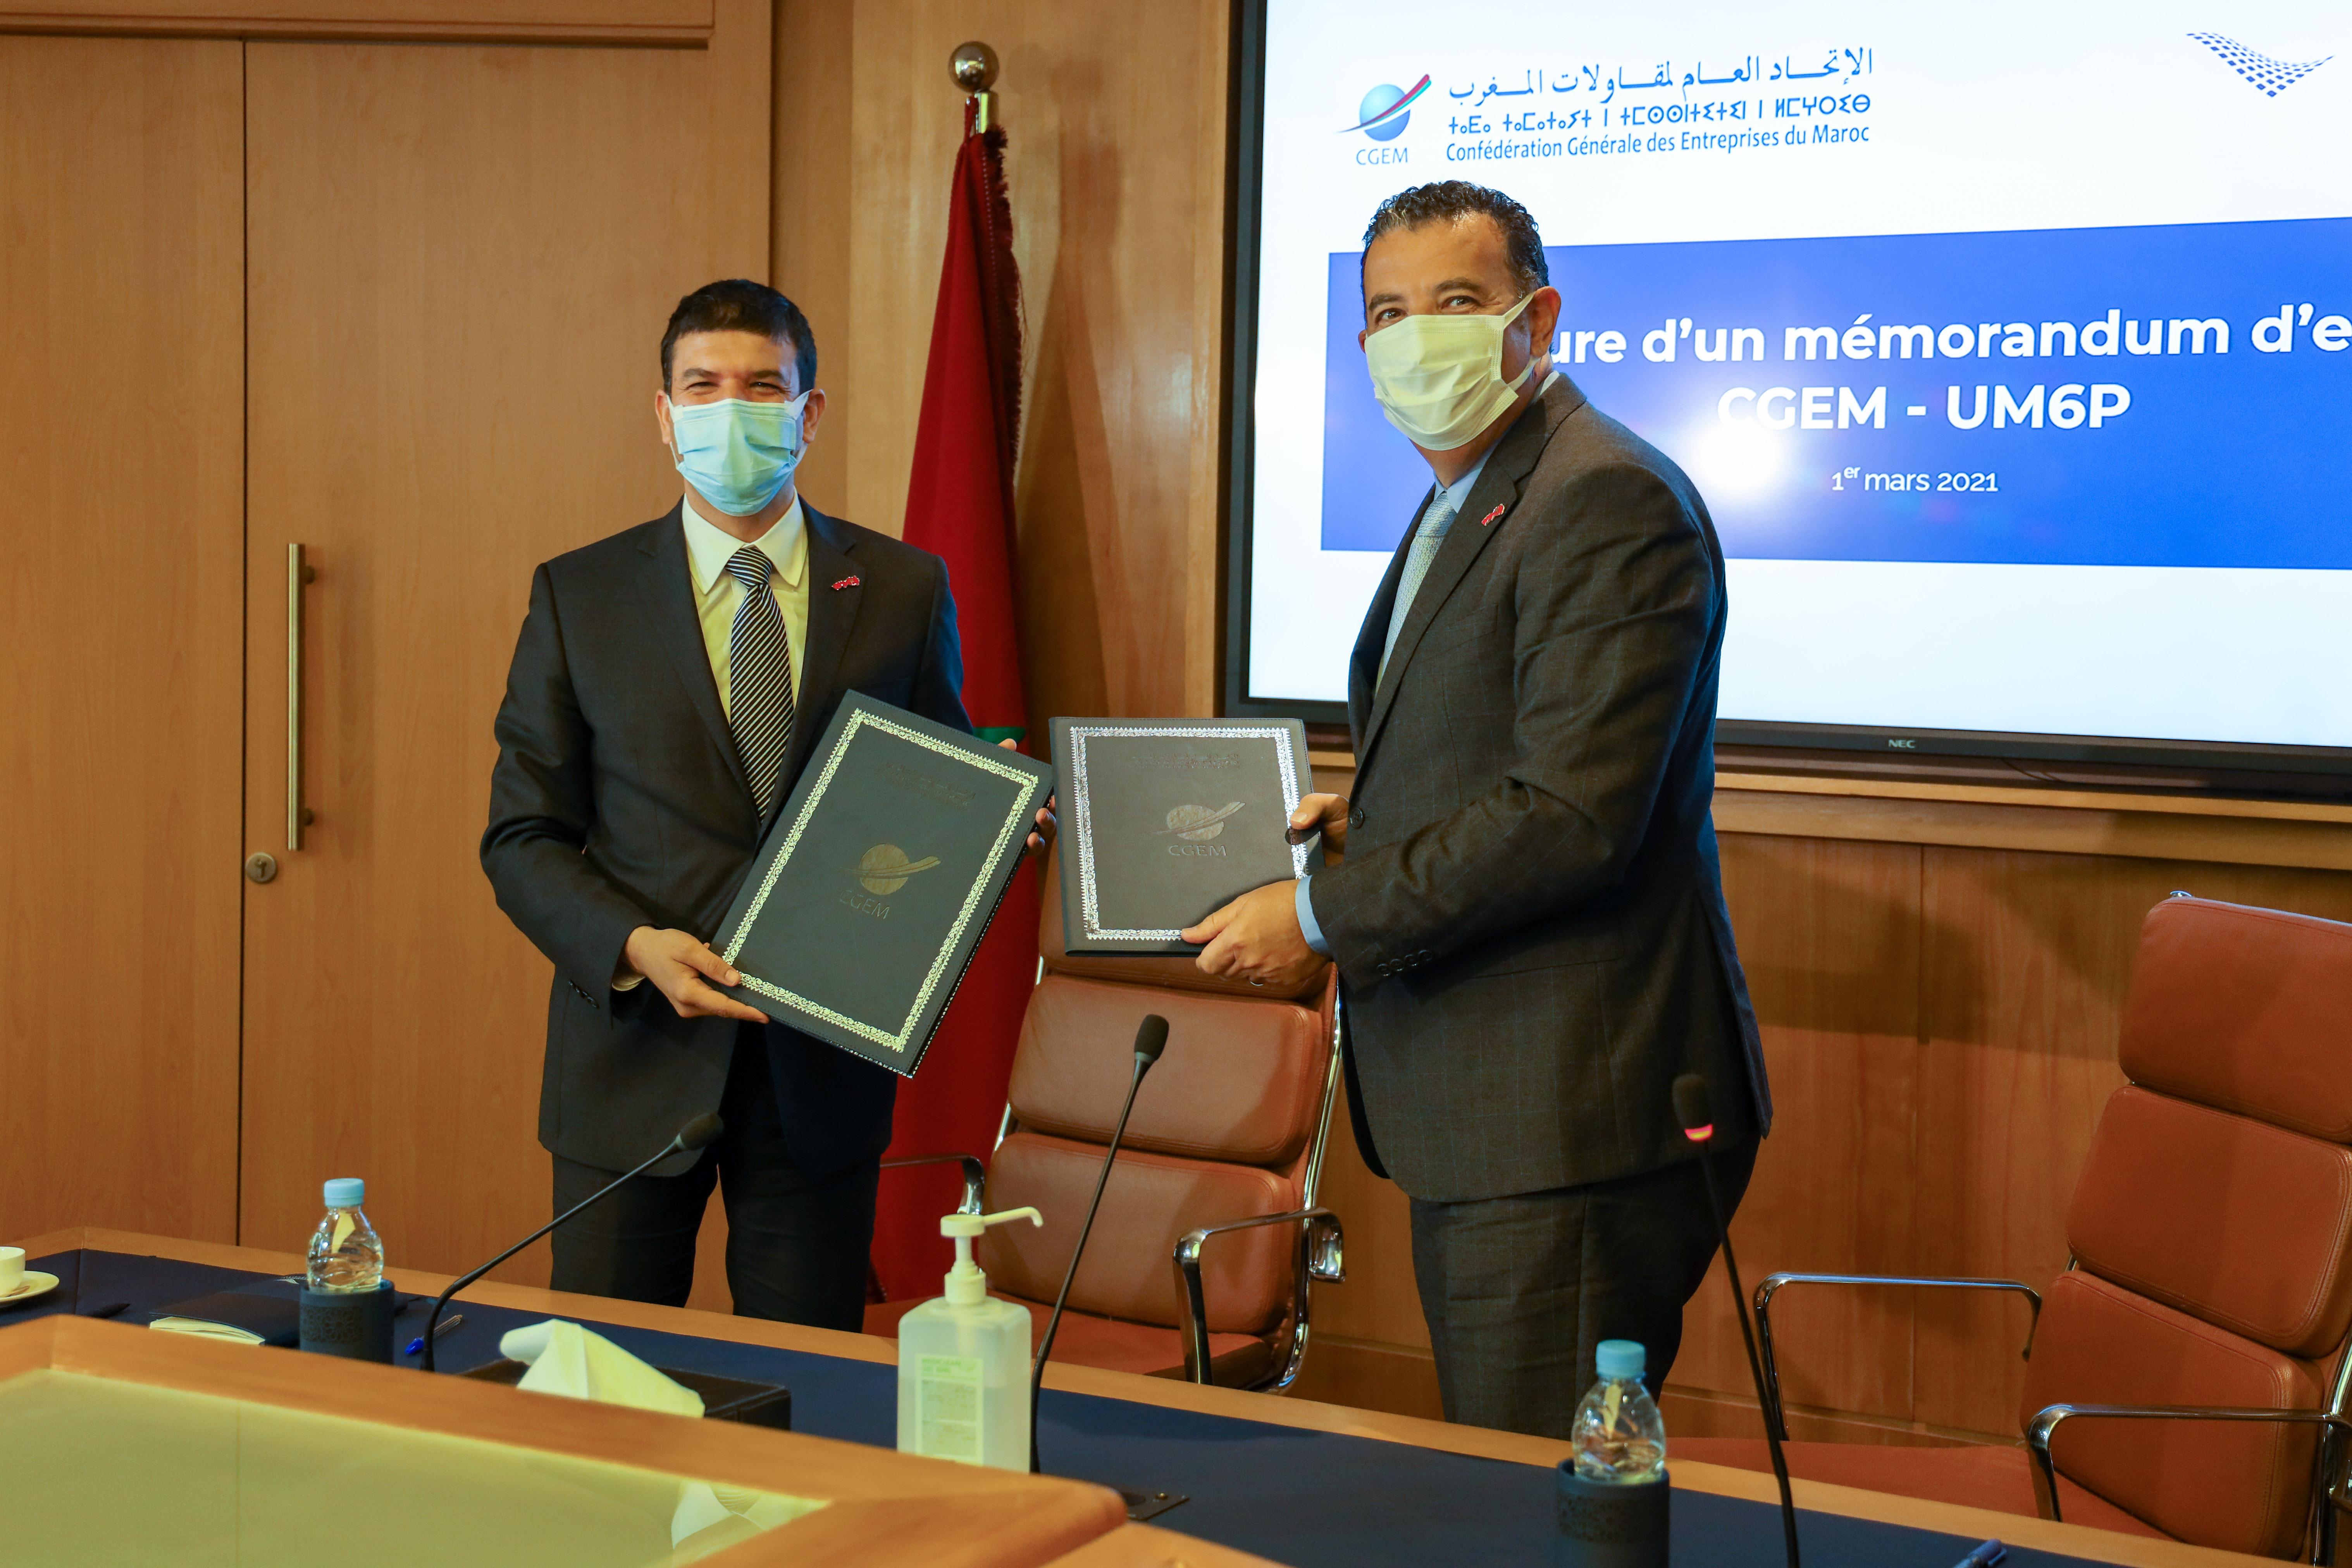 الاتحاد العام لمقاولات المغرب وجامعة محمد السادس متعددة التخصصات يوقعان اتفاقية